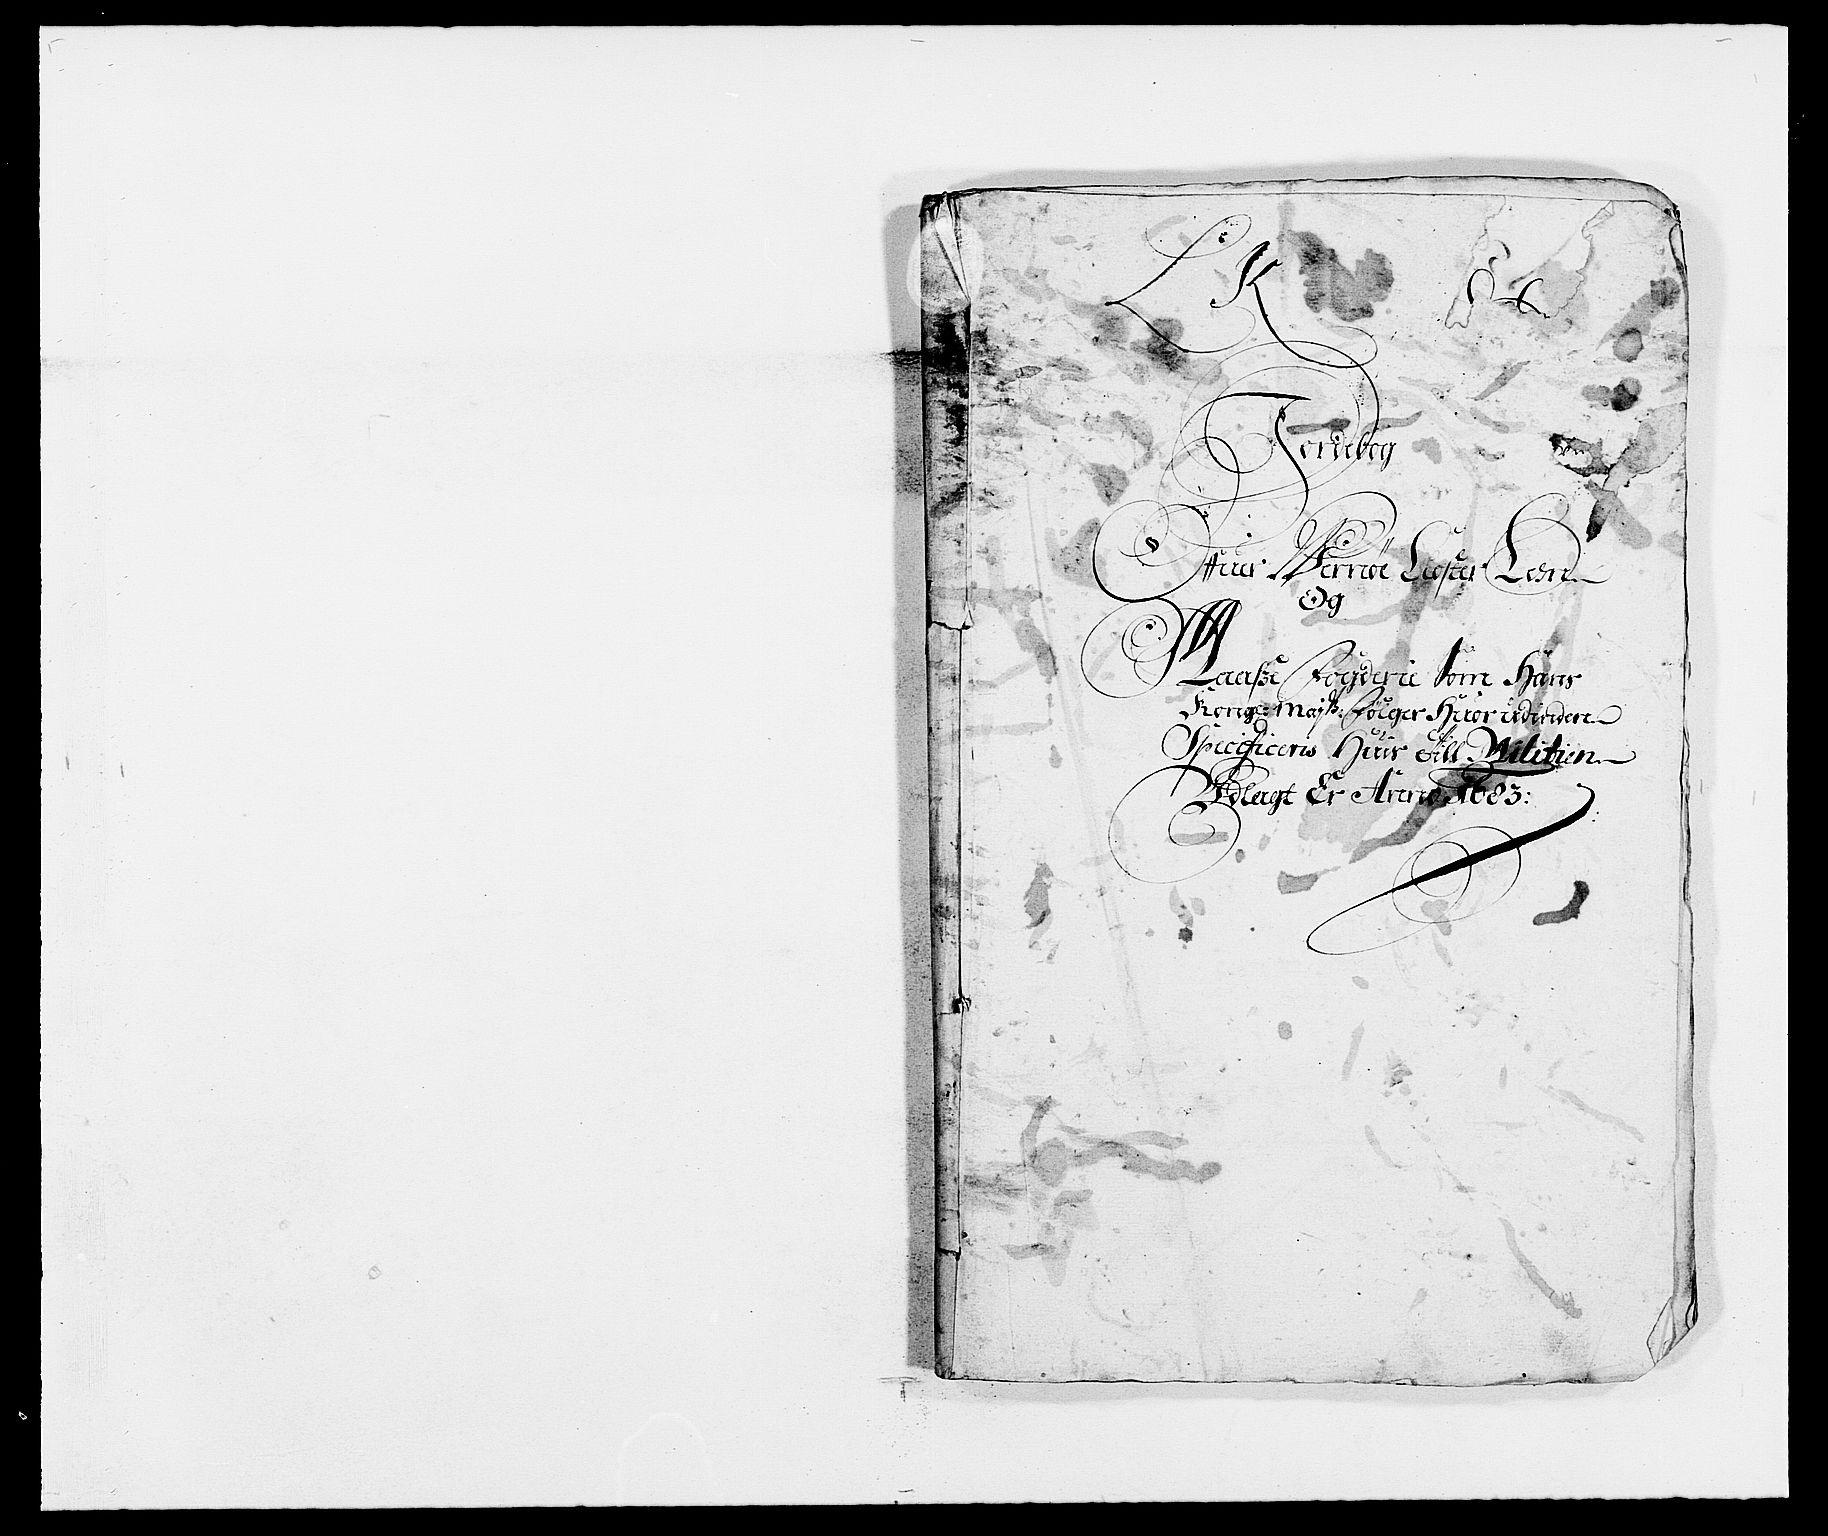 RA, Rentekammeret inntil 1814, Reviderte regnskaper, Fogderegnskap, R02/L0103: Fogderegnskap Moss og Verne kloster, 1682-1684, s. 286